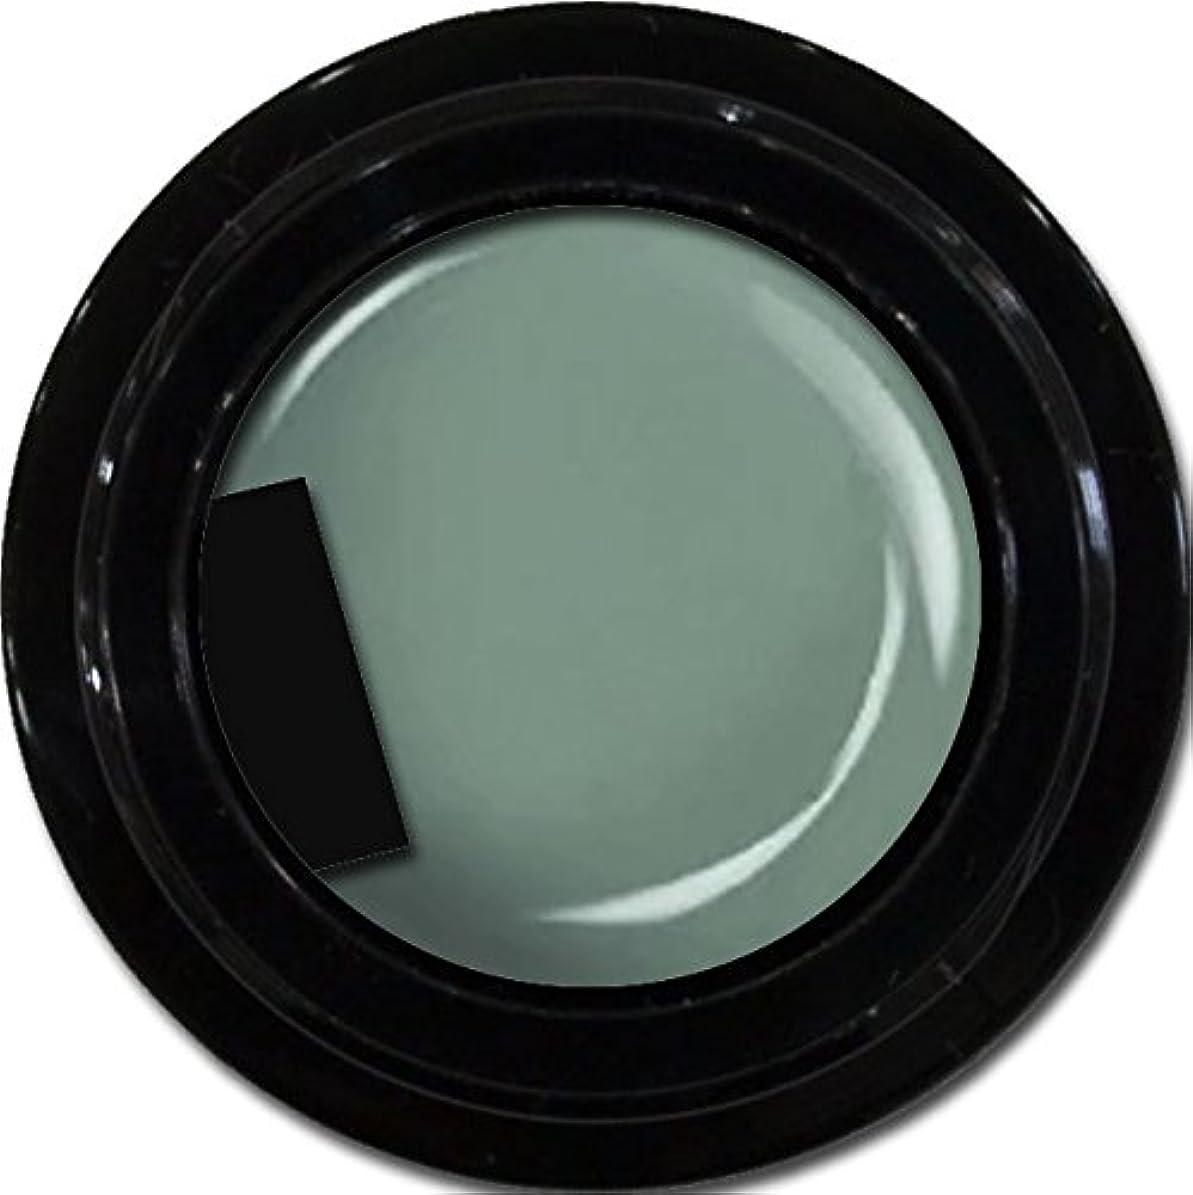 海岸アナウンサー八カラージェル enchant color gel M716 Khaki 3g/ マットカラージェル M716 カーキー 3グラム